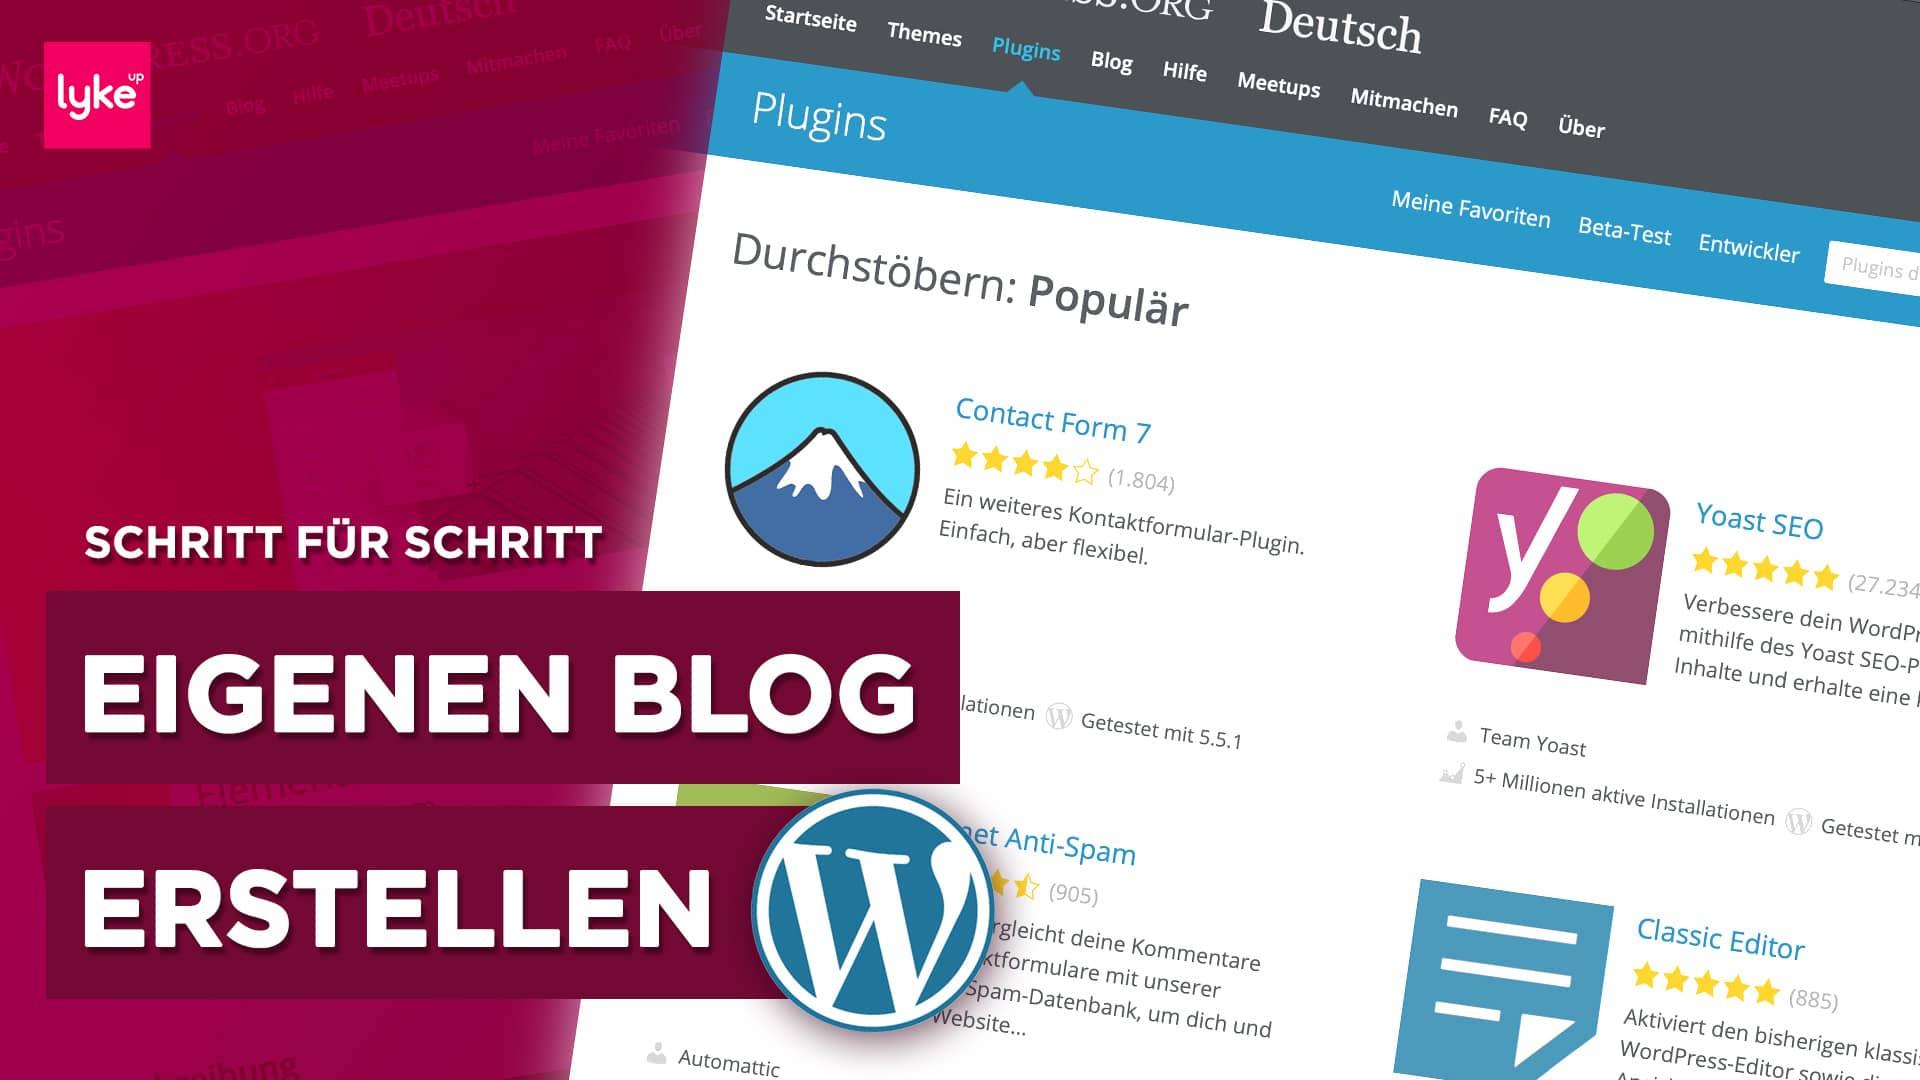 Eigenen Blog erstellen